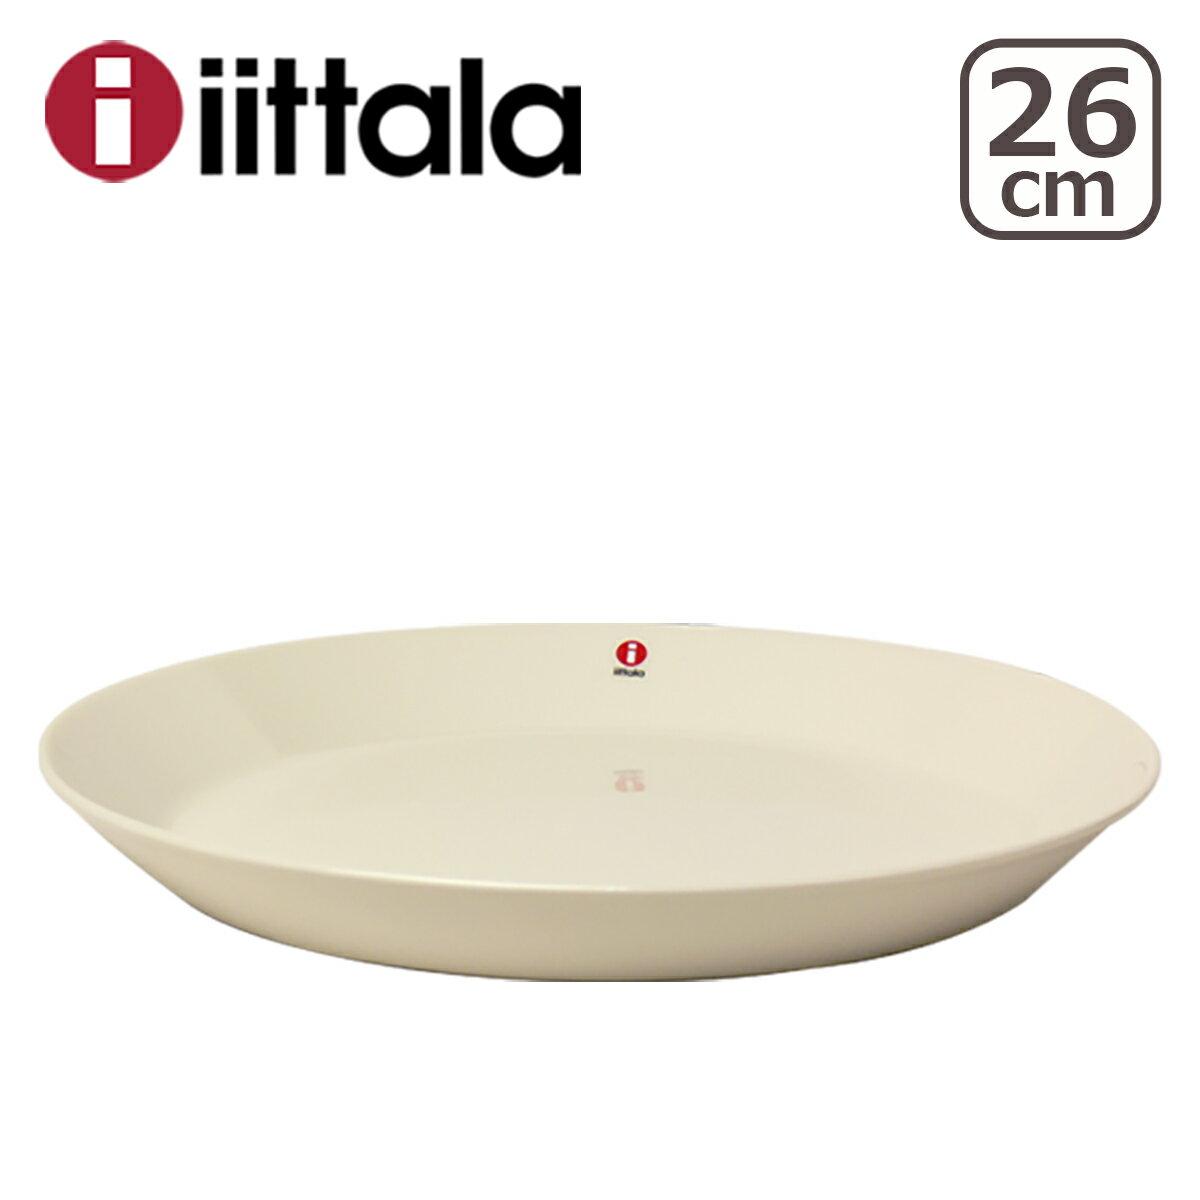 【Max1,000円OFFクーポン】イッタラ iittala ティーマ TEEMA 26cm プレート ホワイト 白皿 北欧 フィンランド 食器 ittala